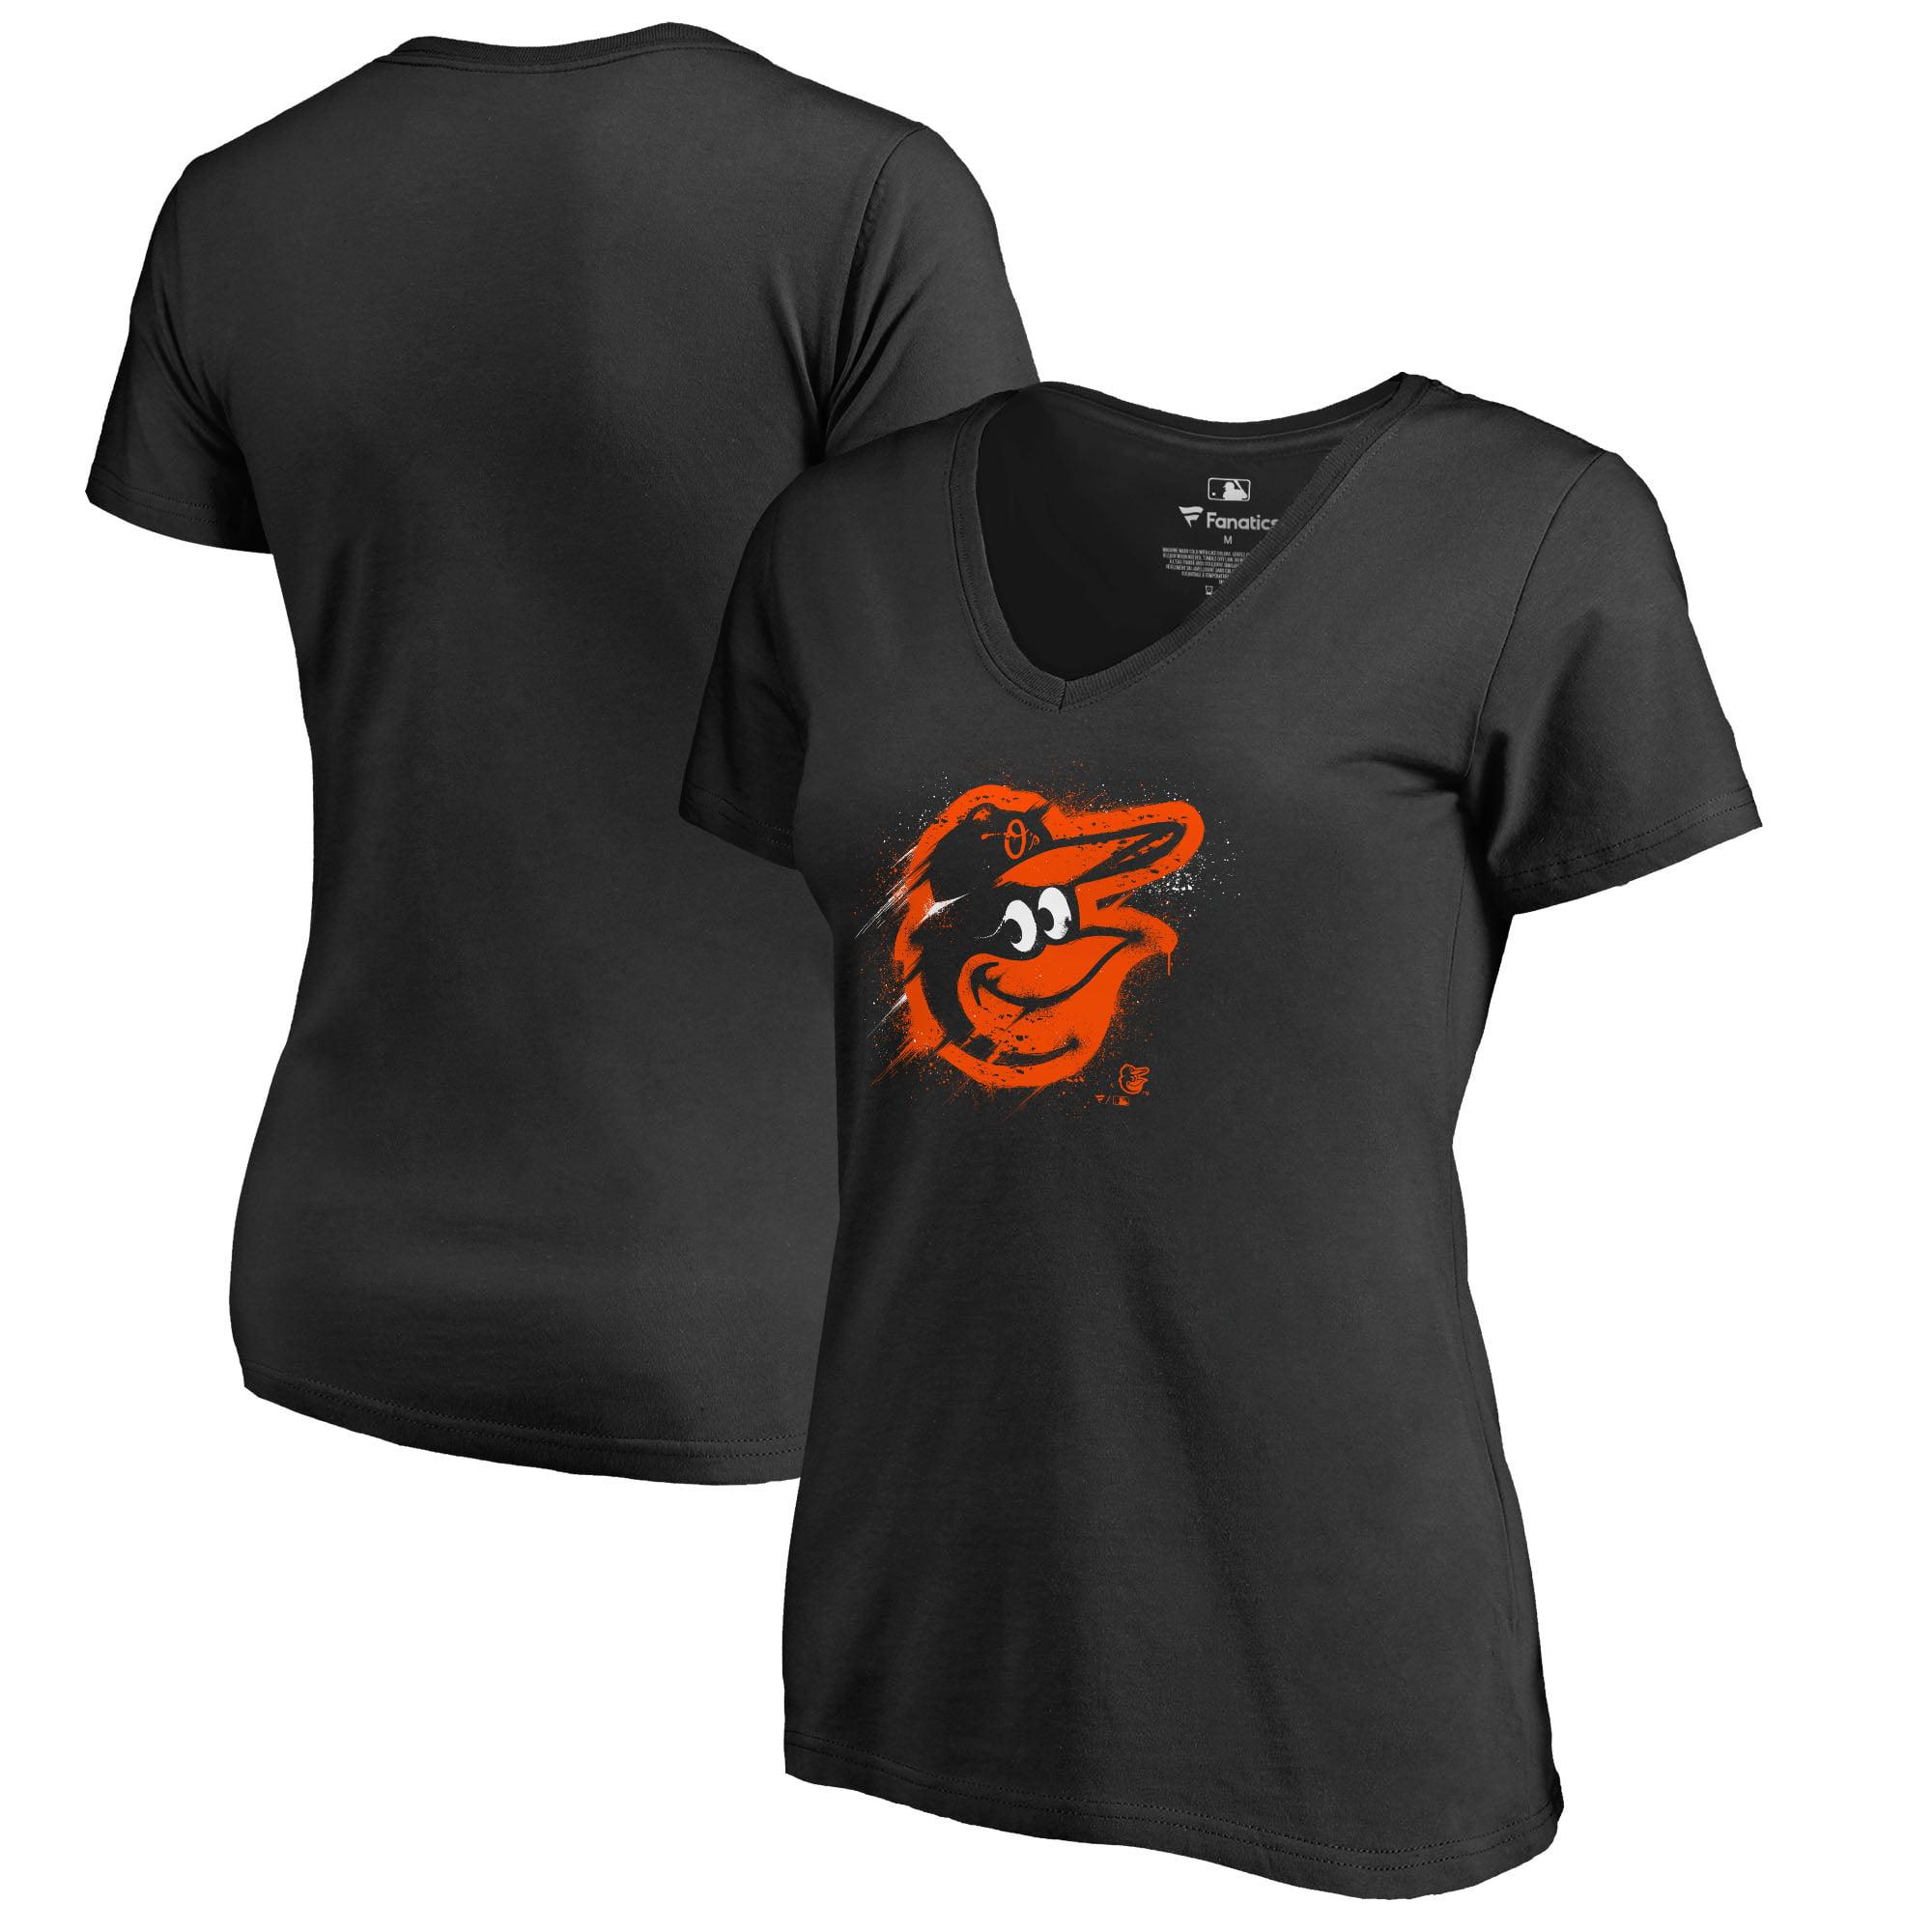 Baltimore Orioles Fanatics Branded Women's Splatter Logo Plus Size V-Neck T-Shirt - Black